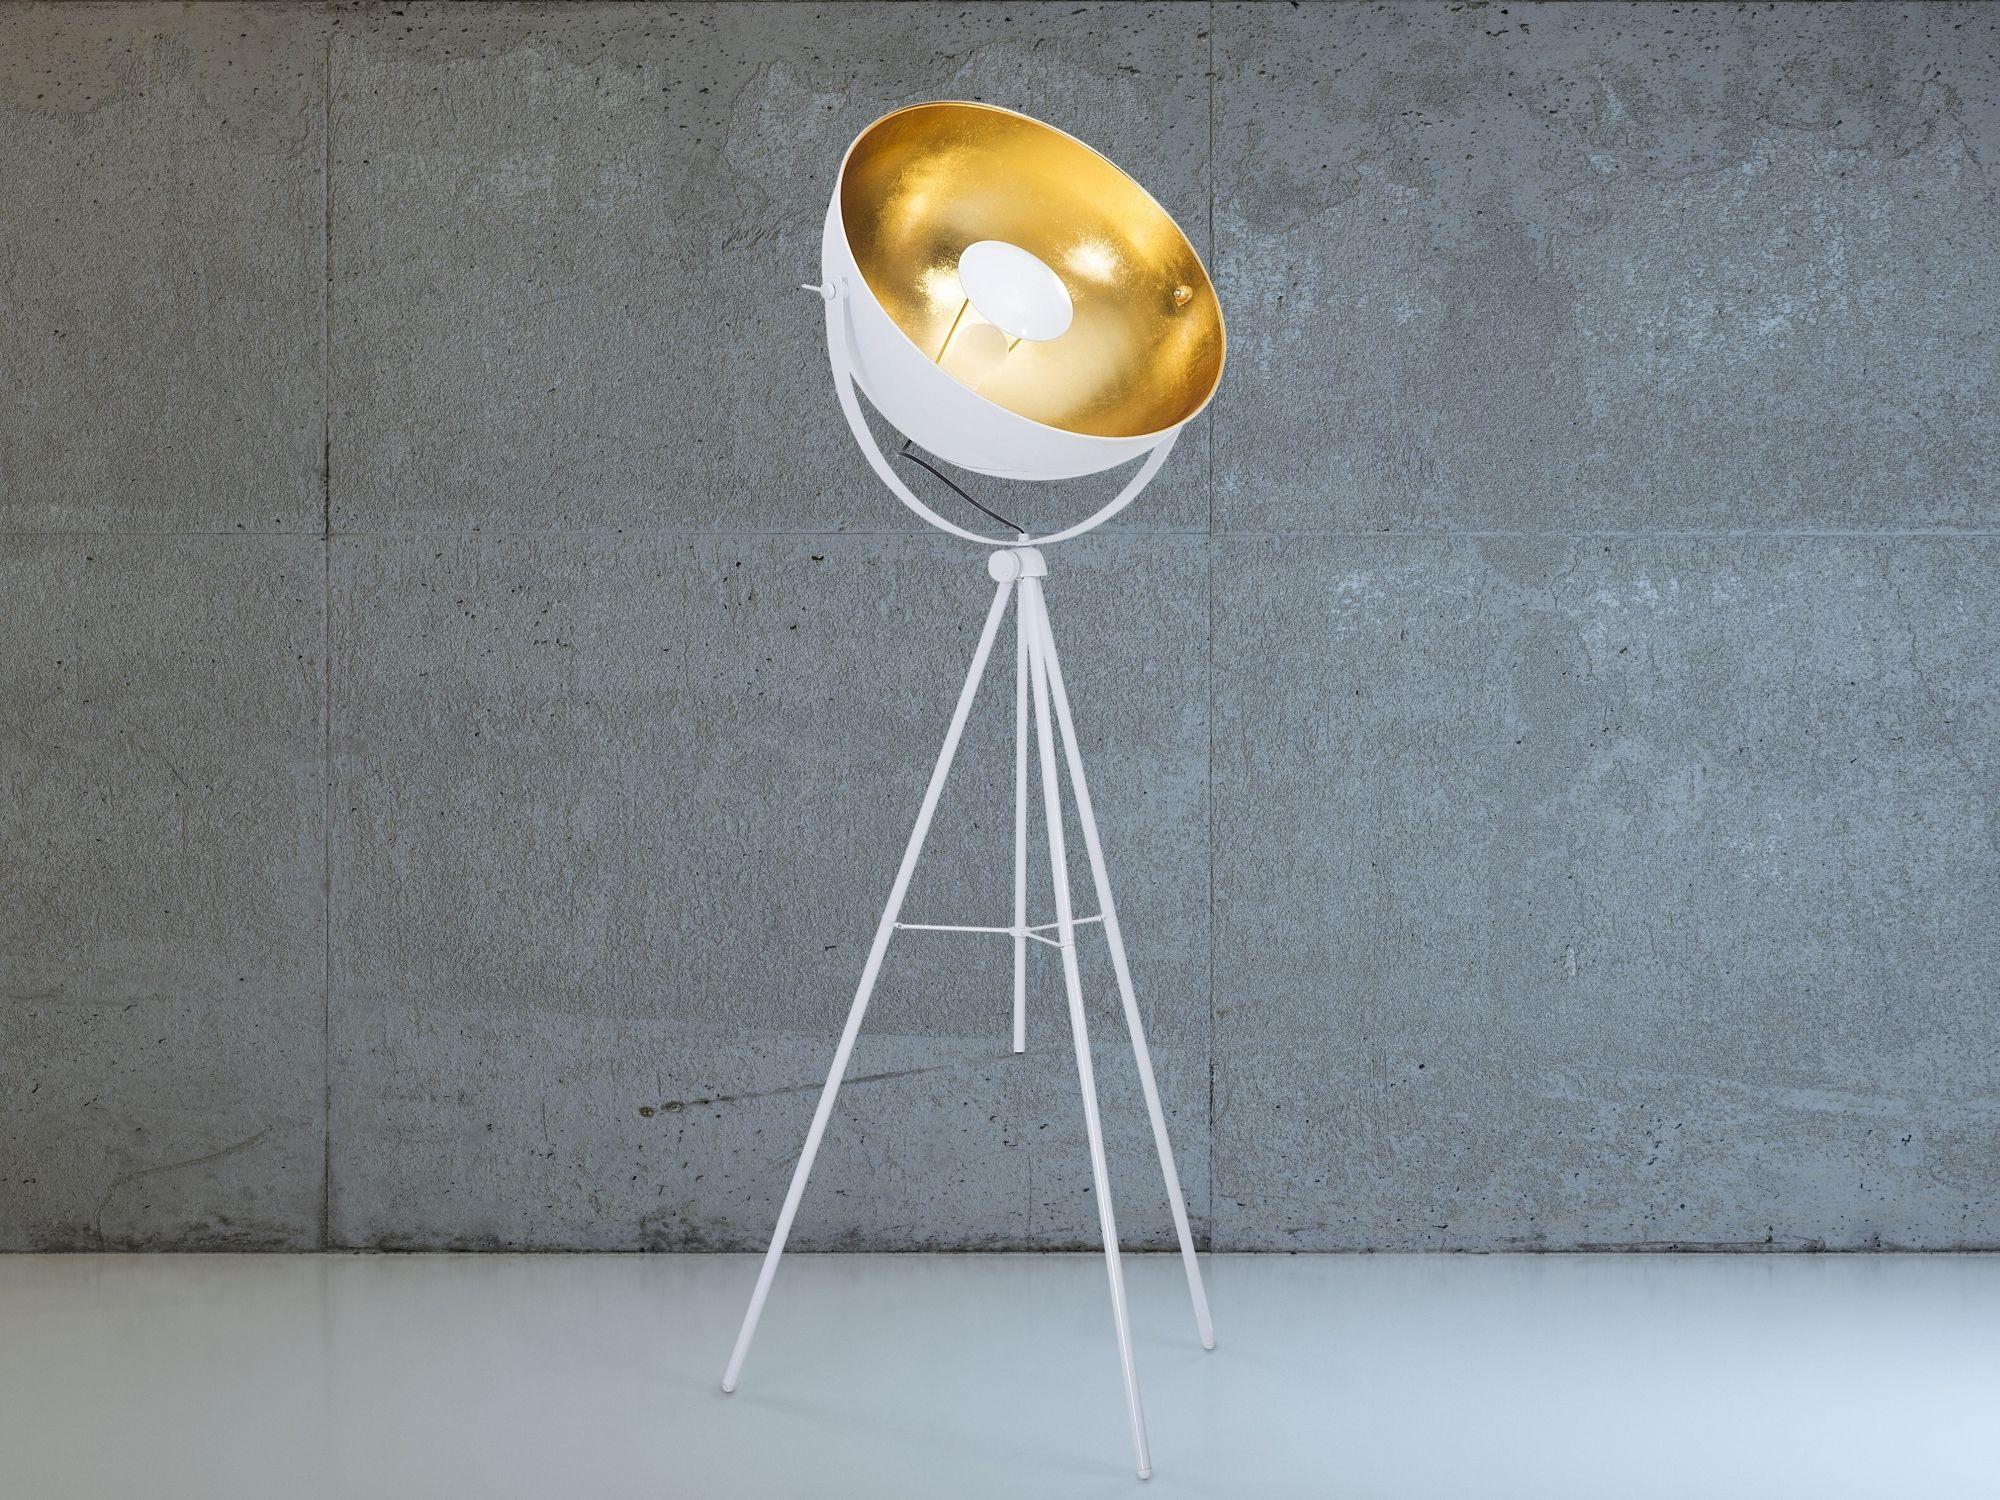 Staande lamp wit - Stalamp - Leeslamp - Verlichting - THAMES ...